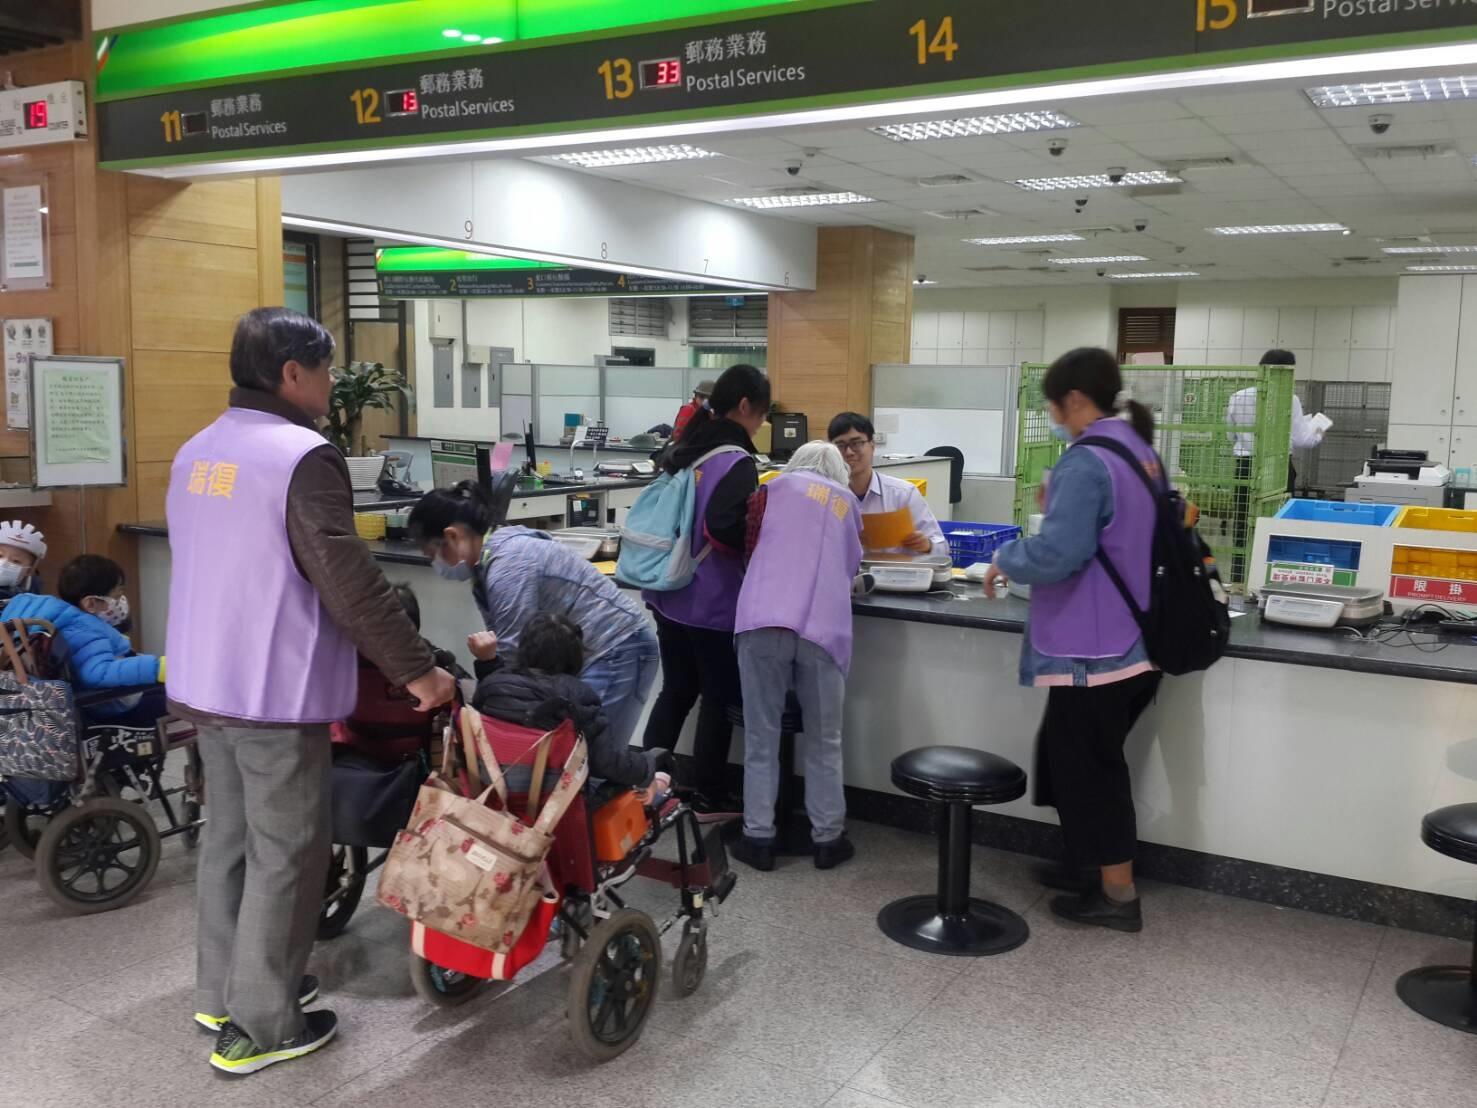 郵我關愛社區-瑞復益智中心參觀臺南郵局